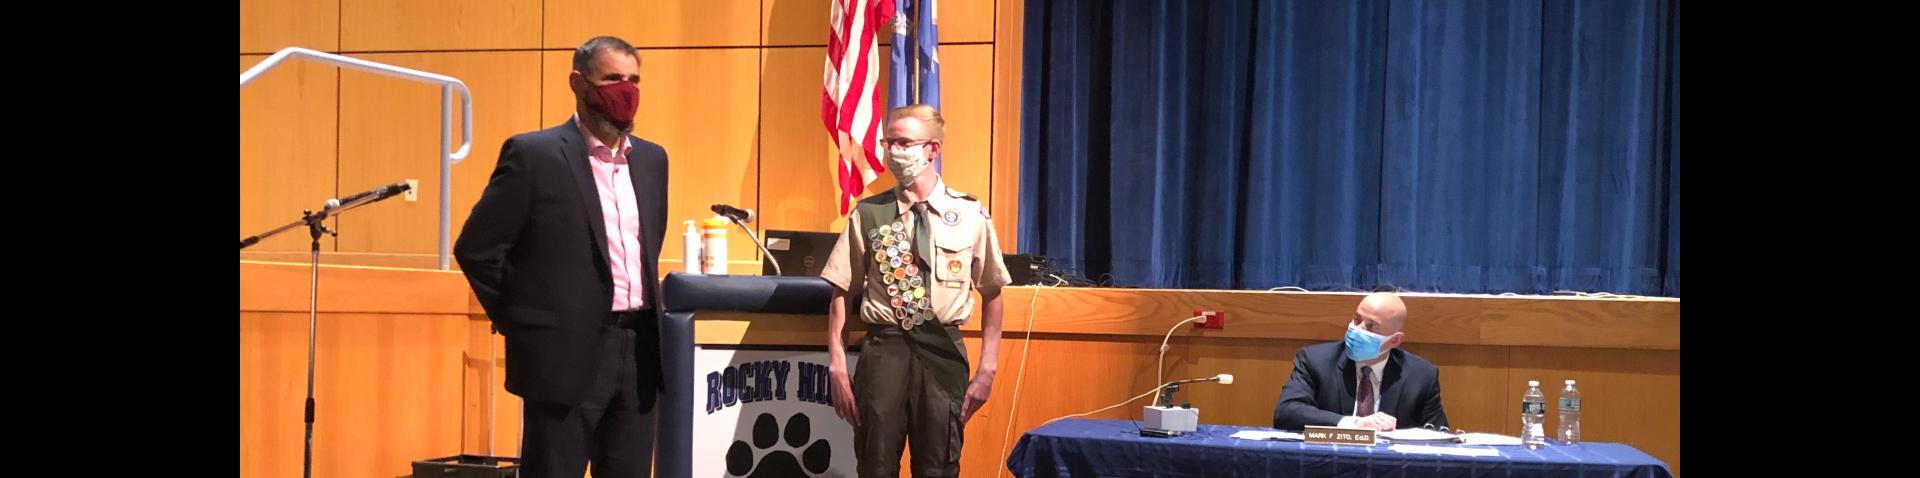 RHHS Boy Scout